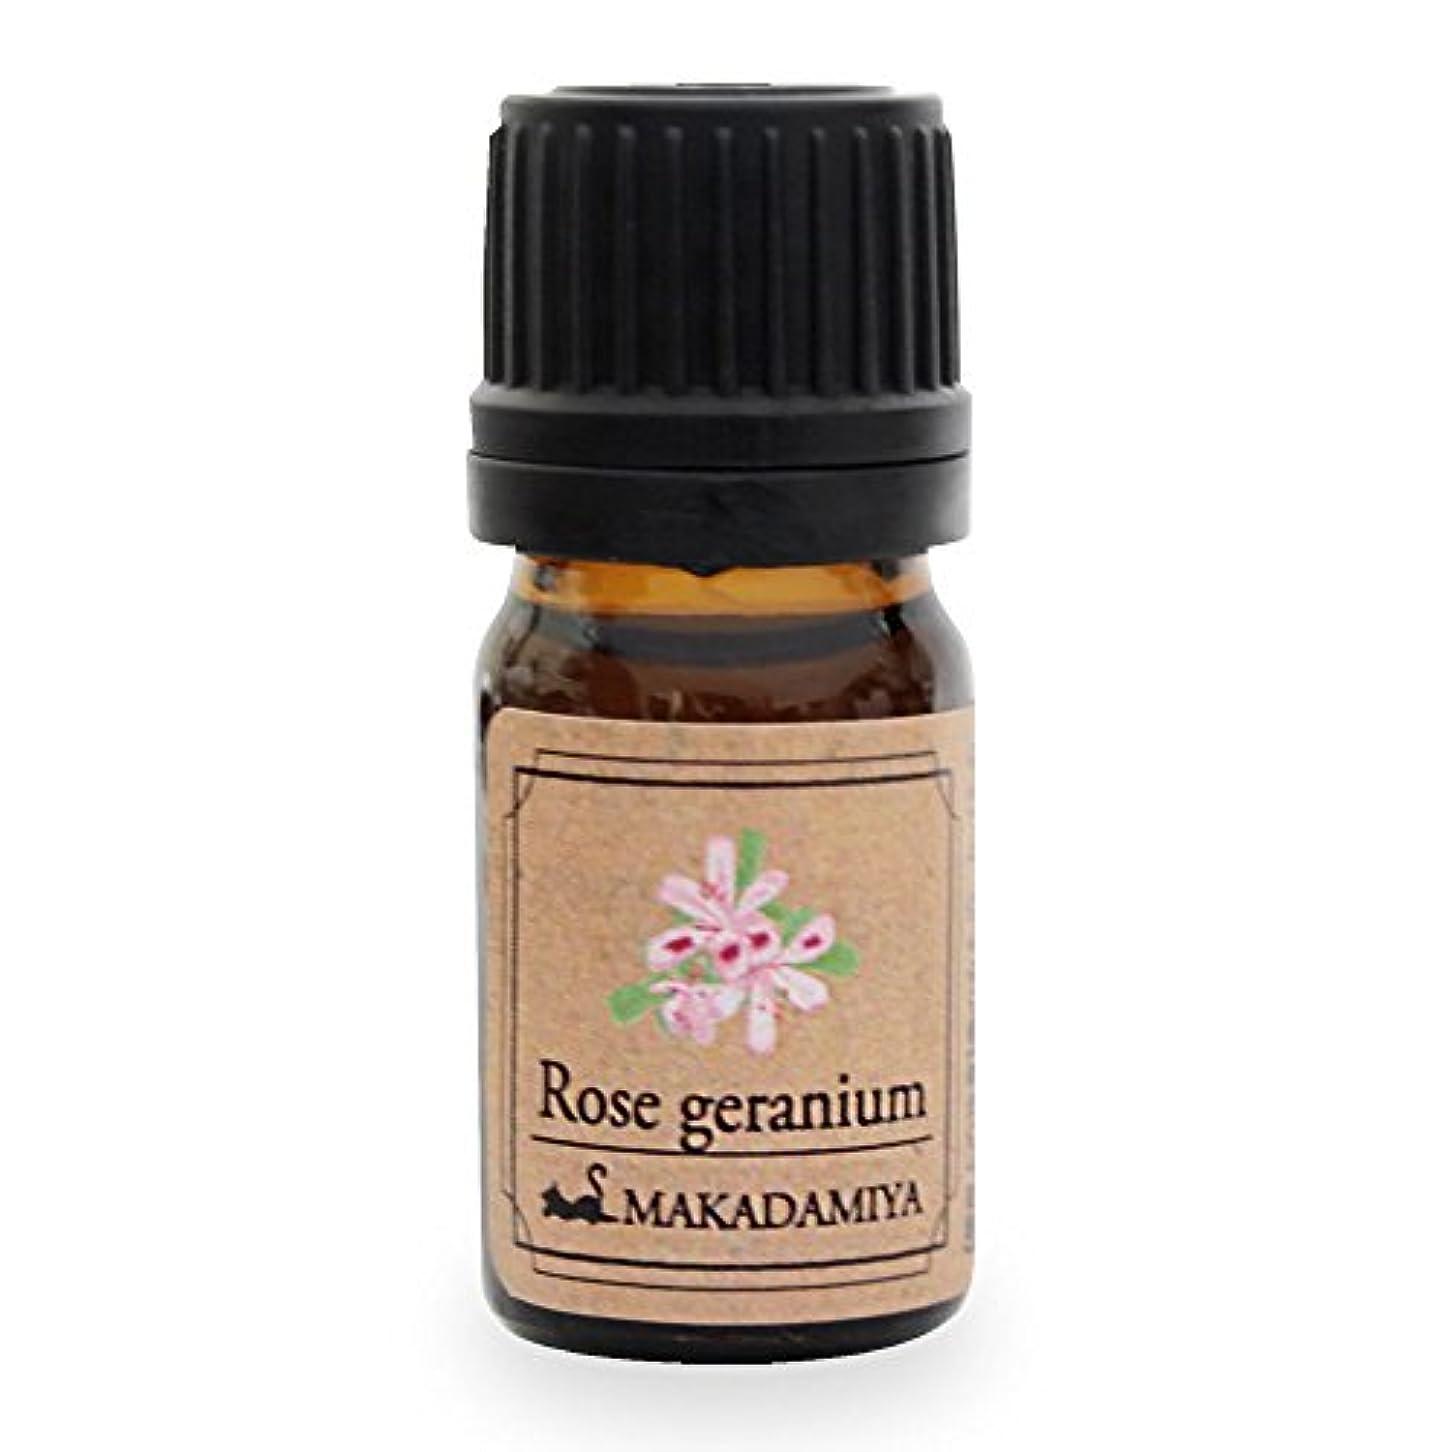 バーイベント突進ローズゼラニウム5ml 天然100%植物性 エッセンシャルオイル(精油) アロマオイル アロママッサージ aroma Rose Geranium